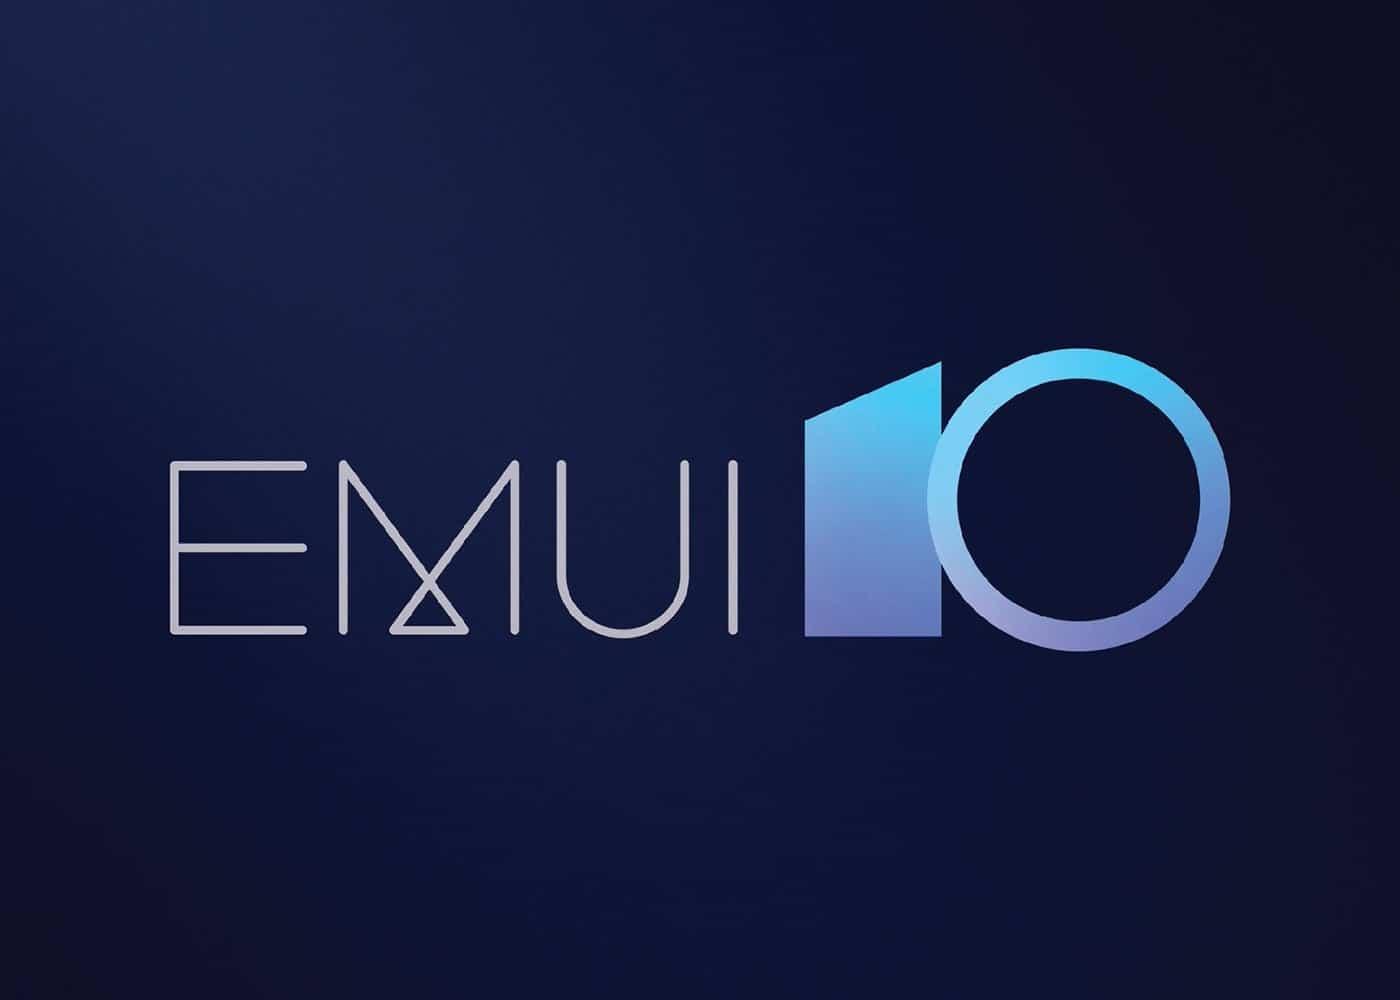 İşte 2020'De EMUI 10 Alacak Tüm Huawei Telefonları